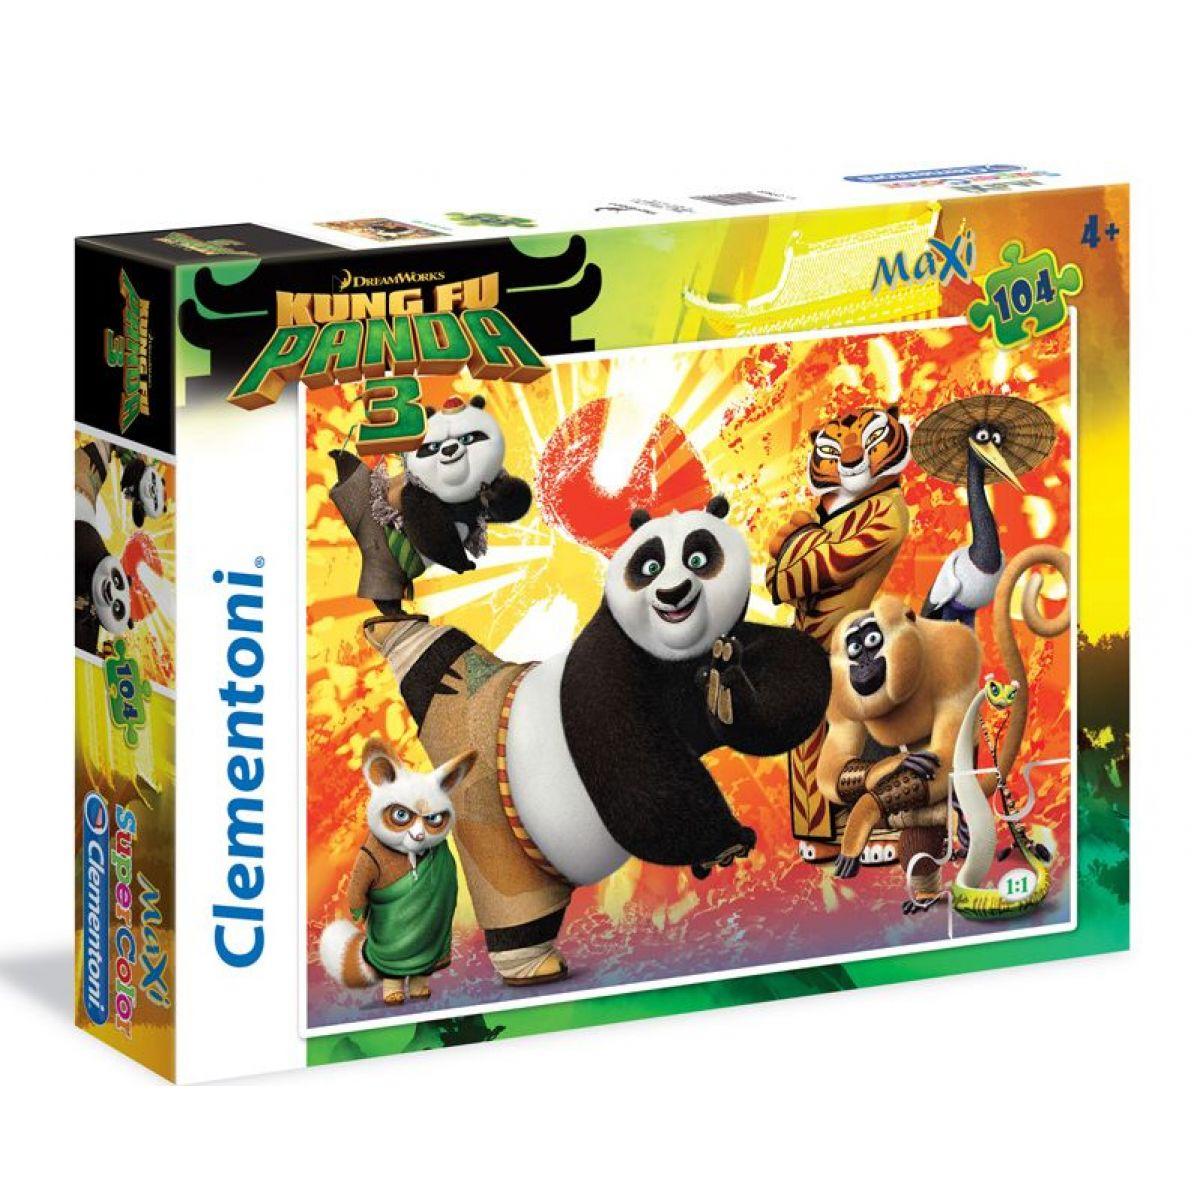 Clementoni Kung Fu Panda 3 Supercolor Maxi 104 dílků